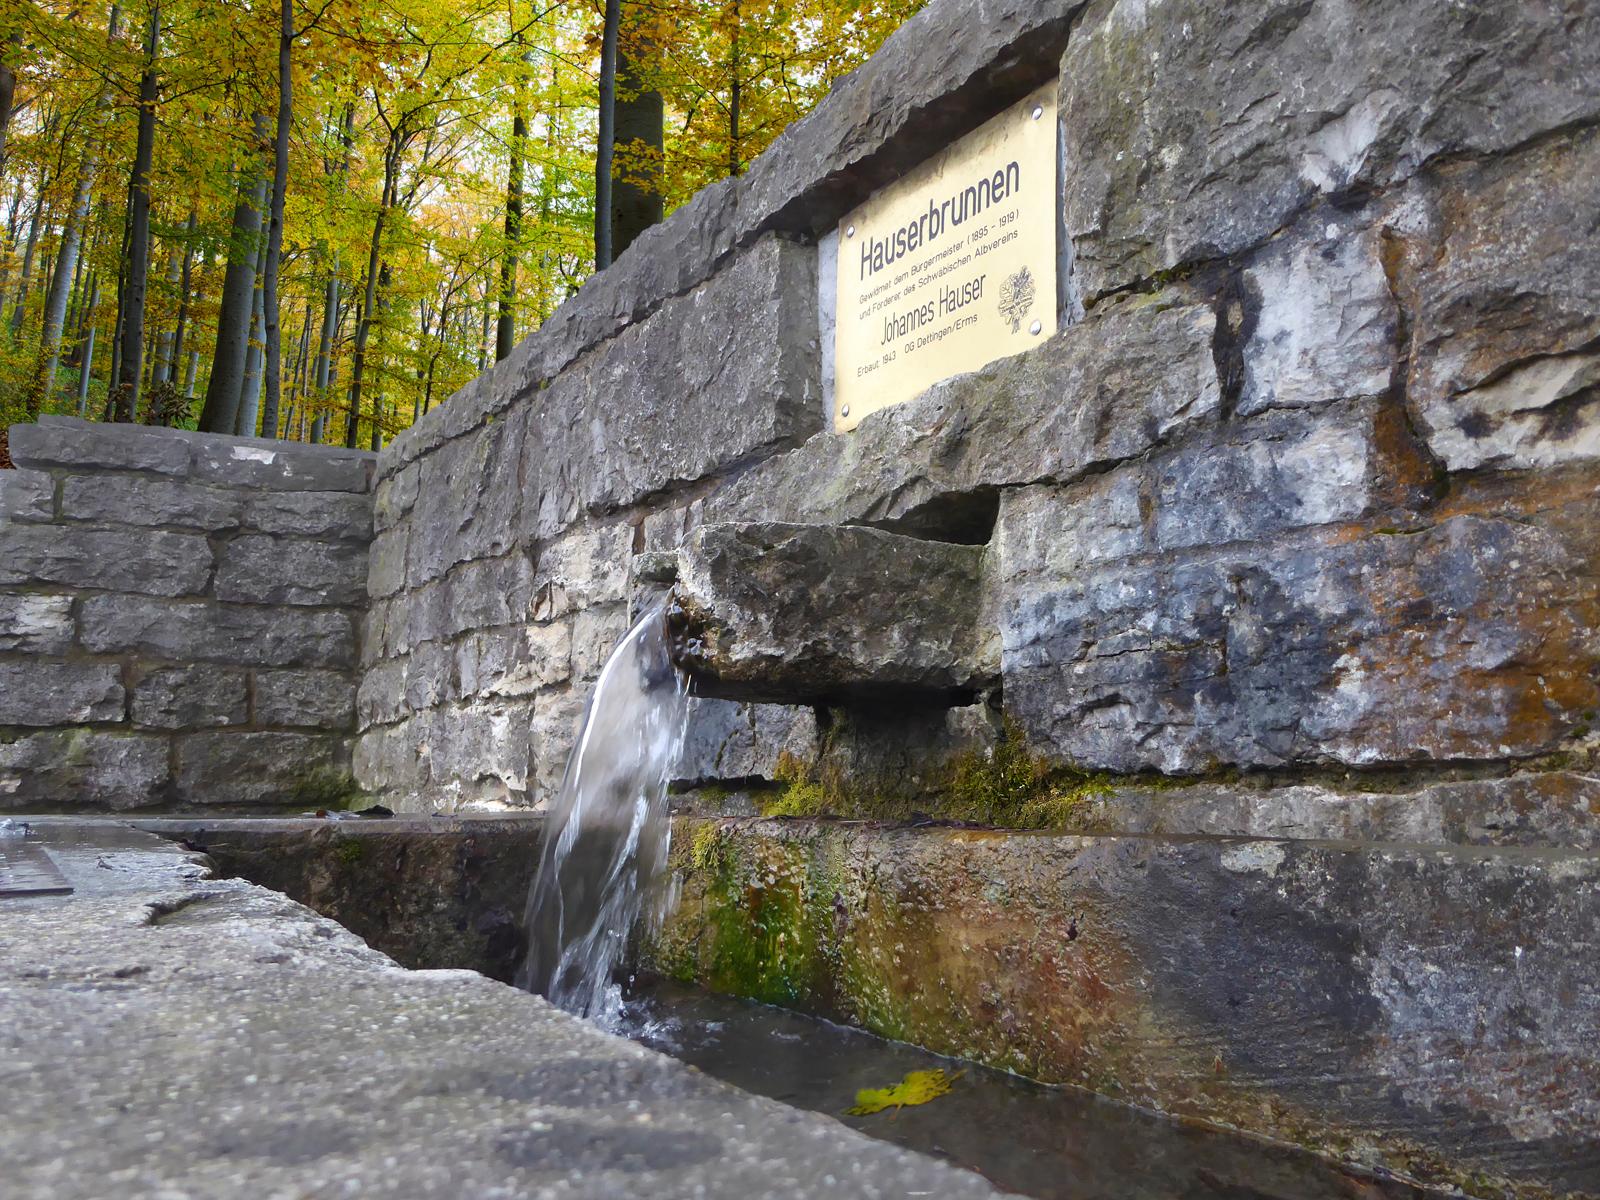 hauserbrunnen